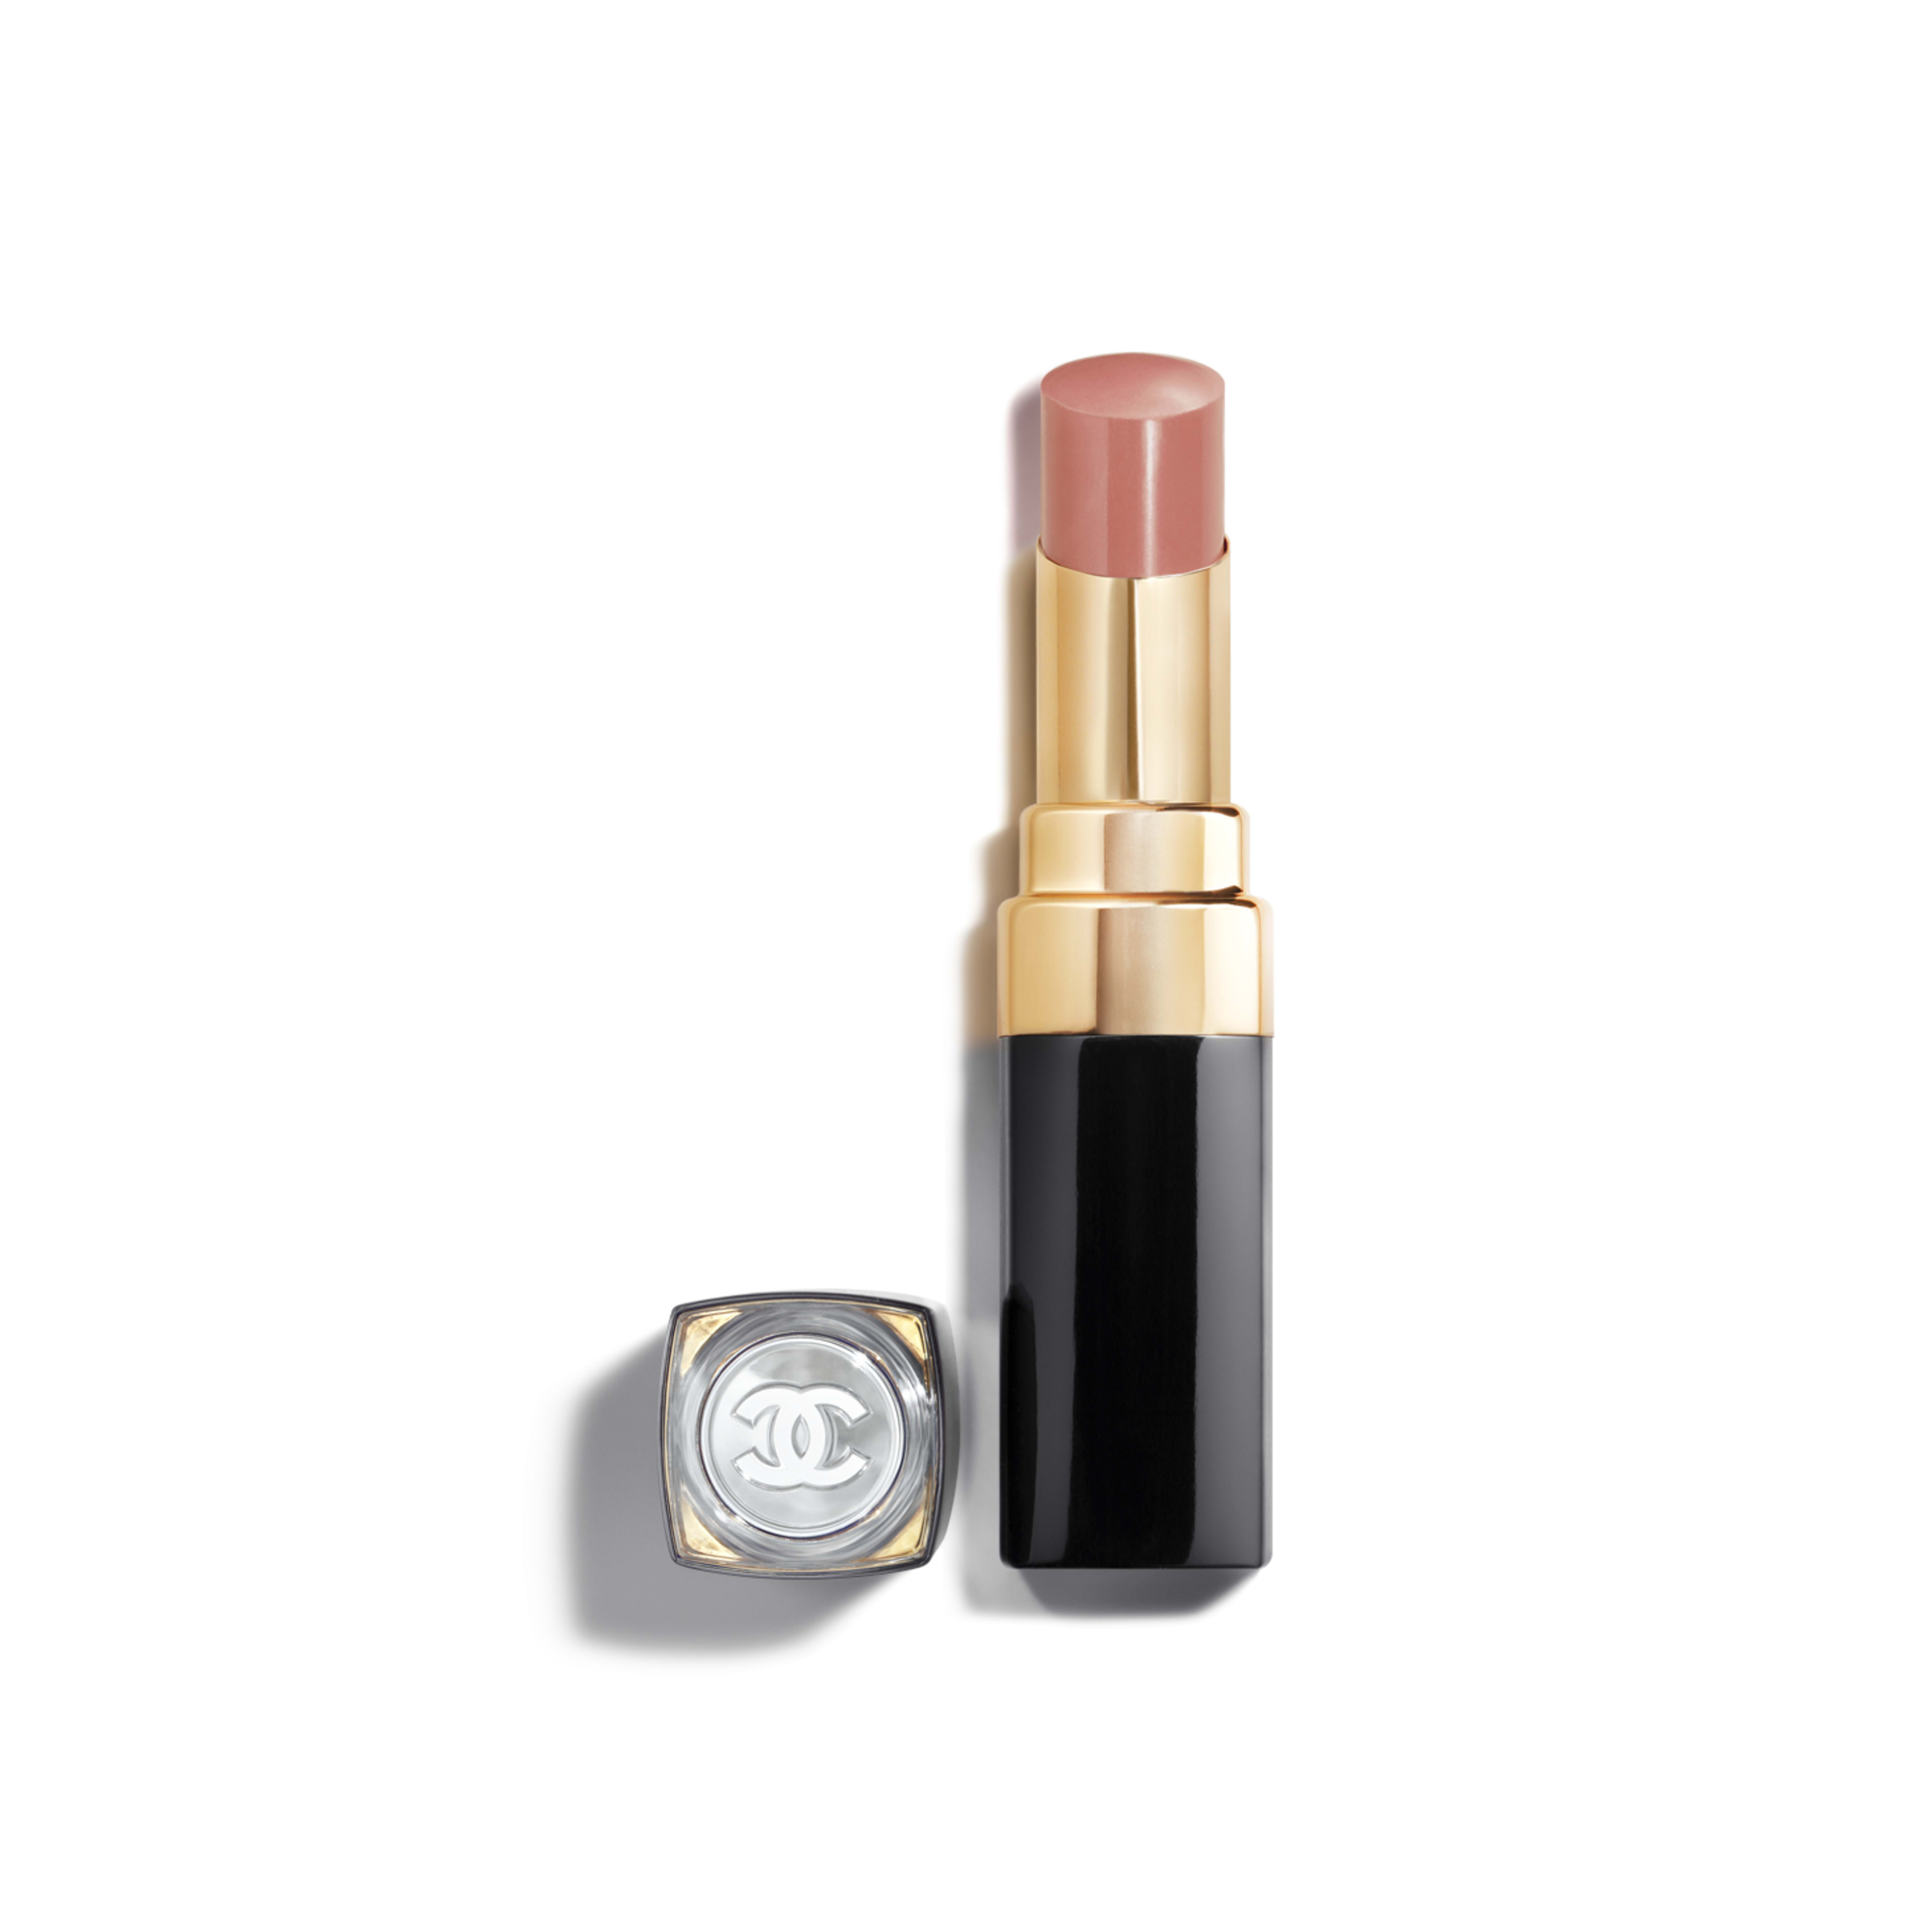 ROUGE COCO FLASH - makeup - 0.1OZ. - Default view